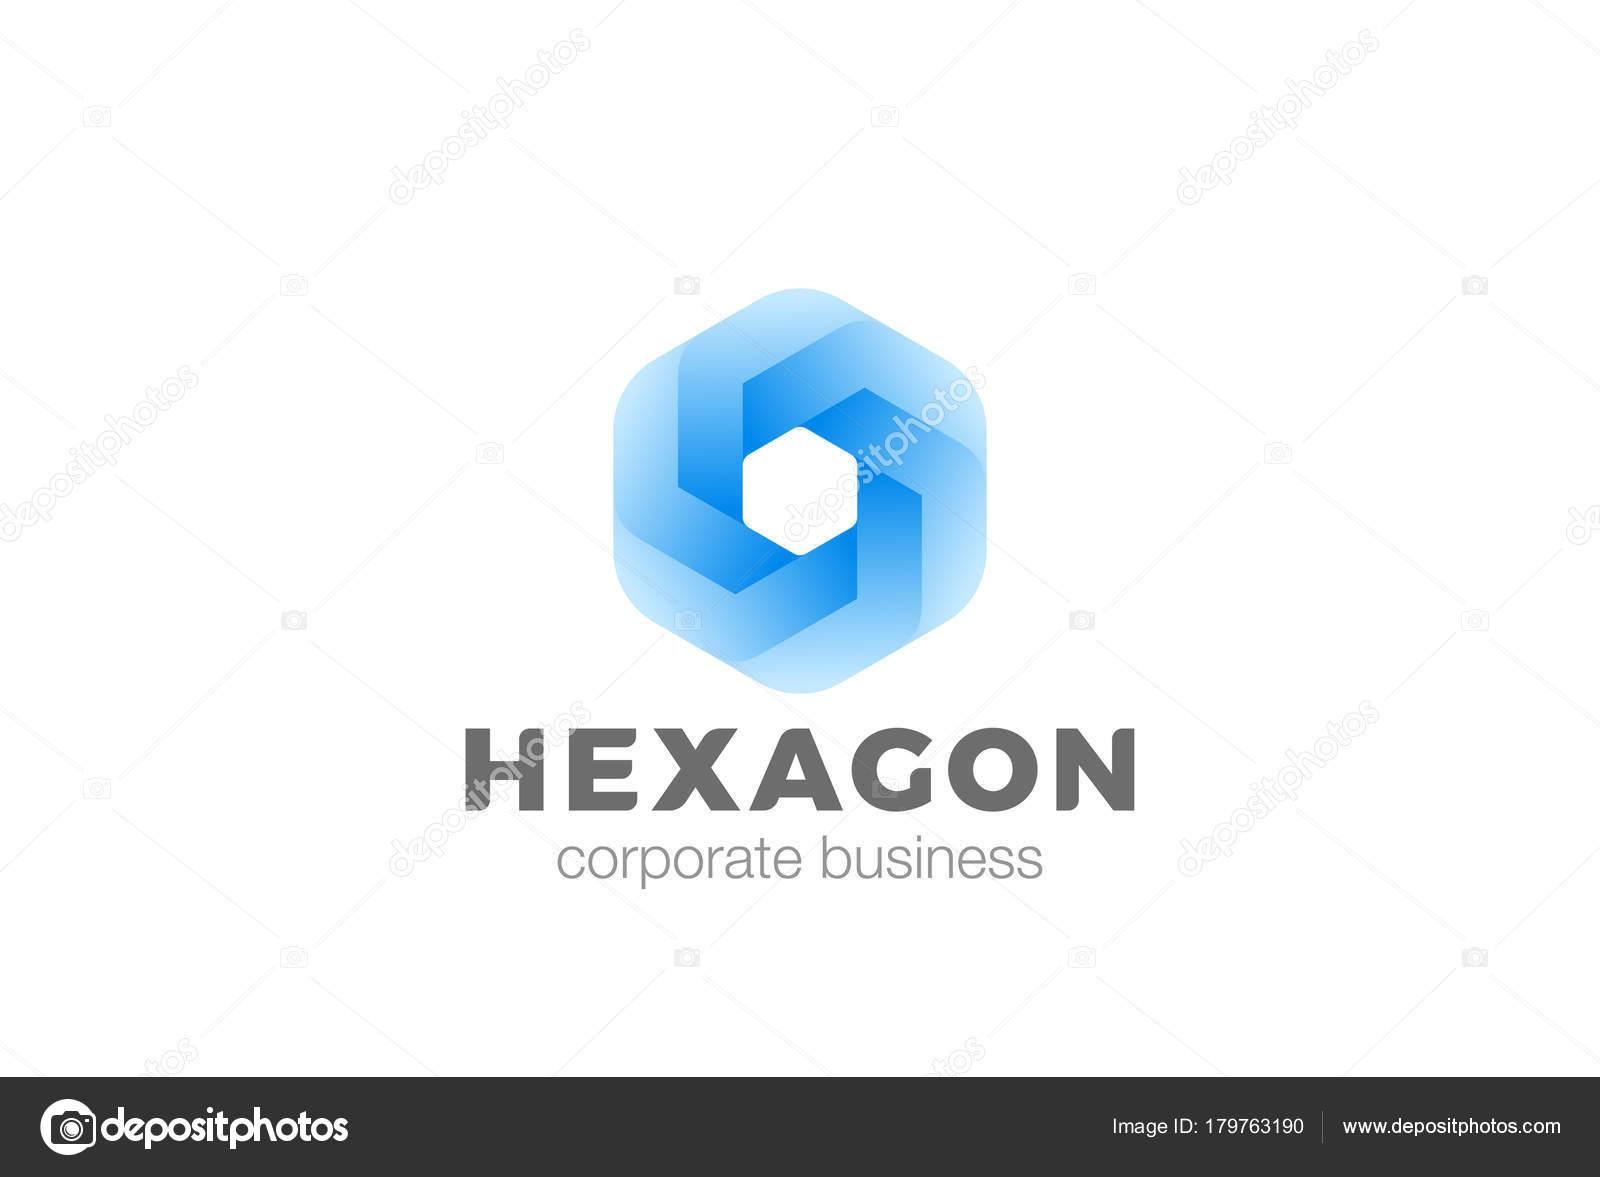 Hexágono Forma Corporativa Logotipo Infinity Diseño Vector Plantilla ...